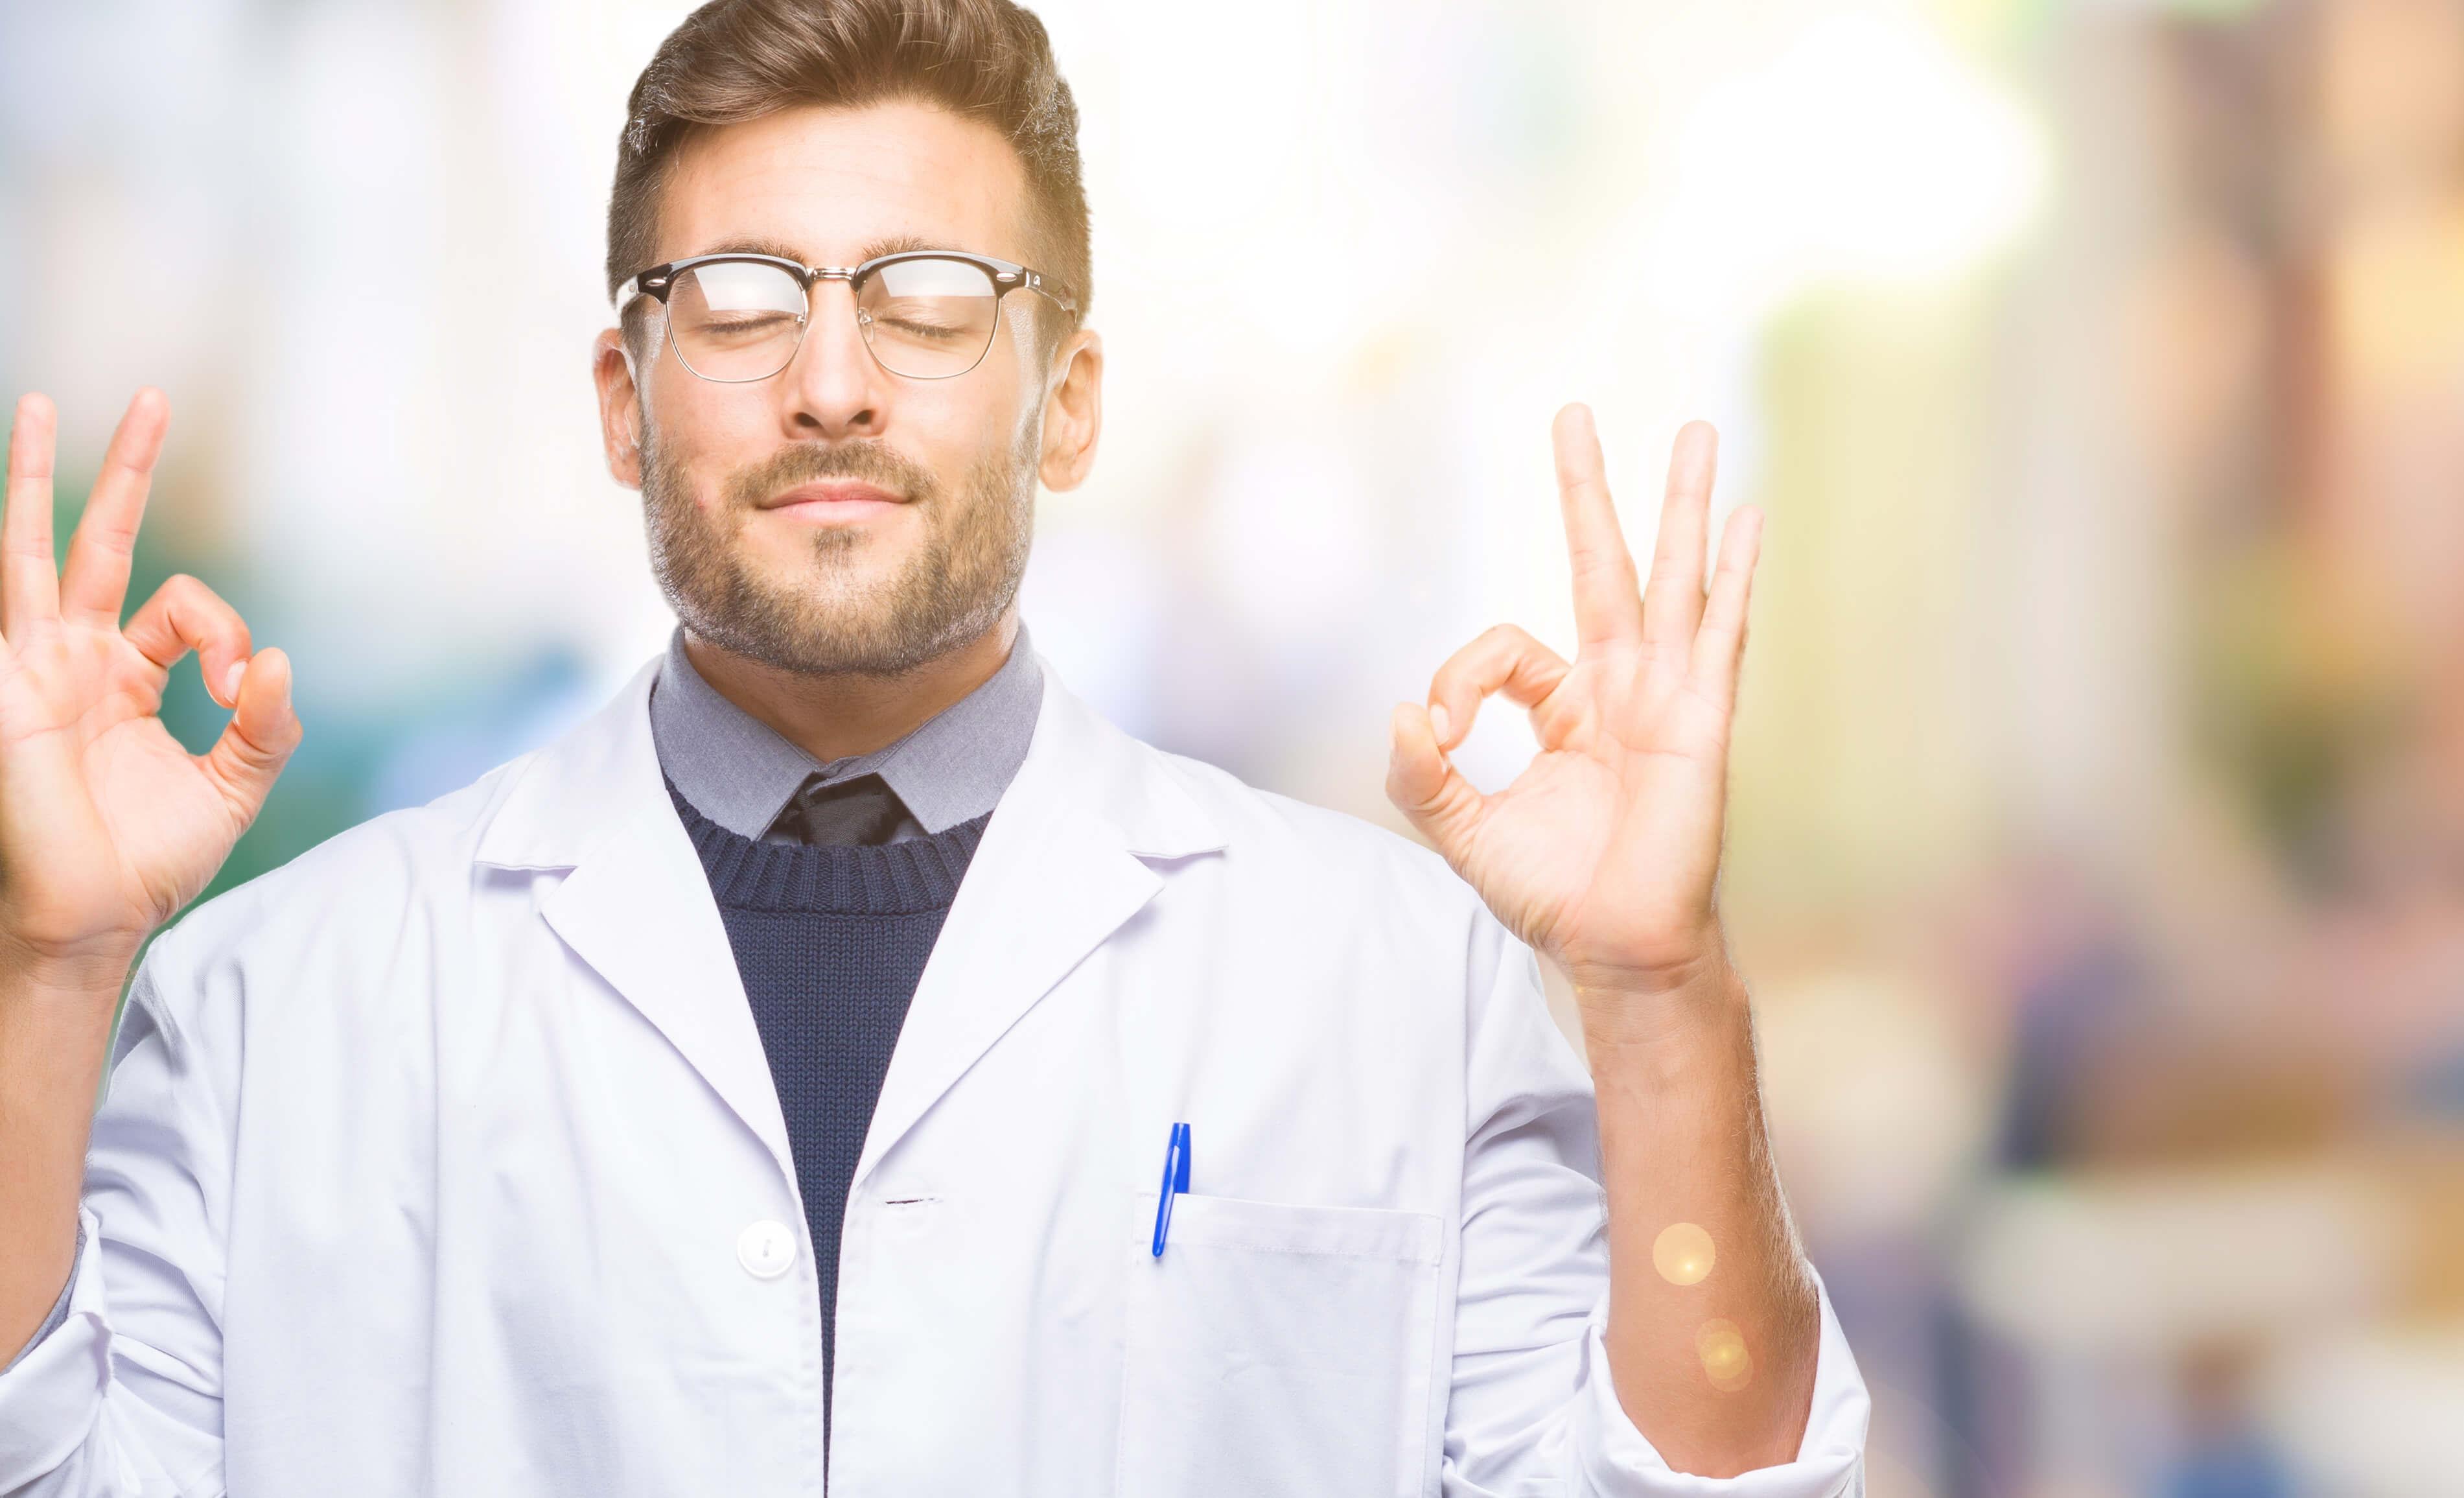 Repos médecin coronavirus